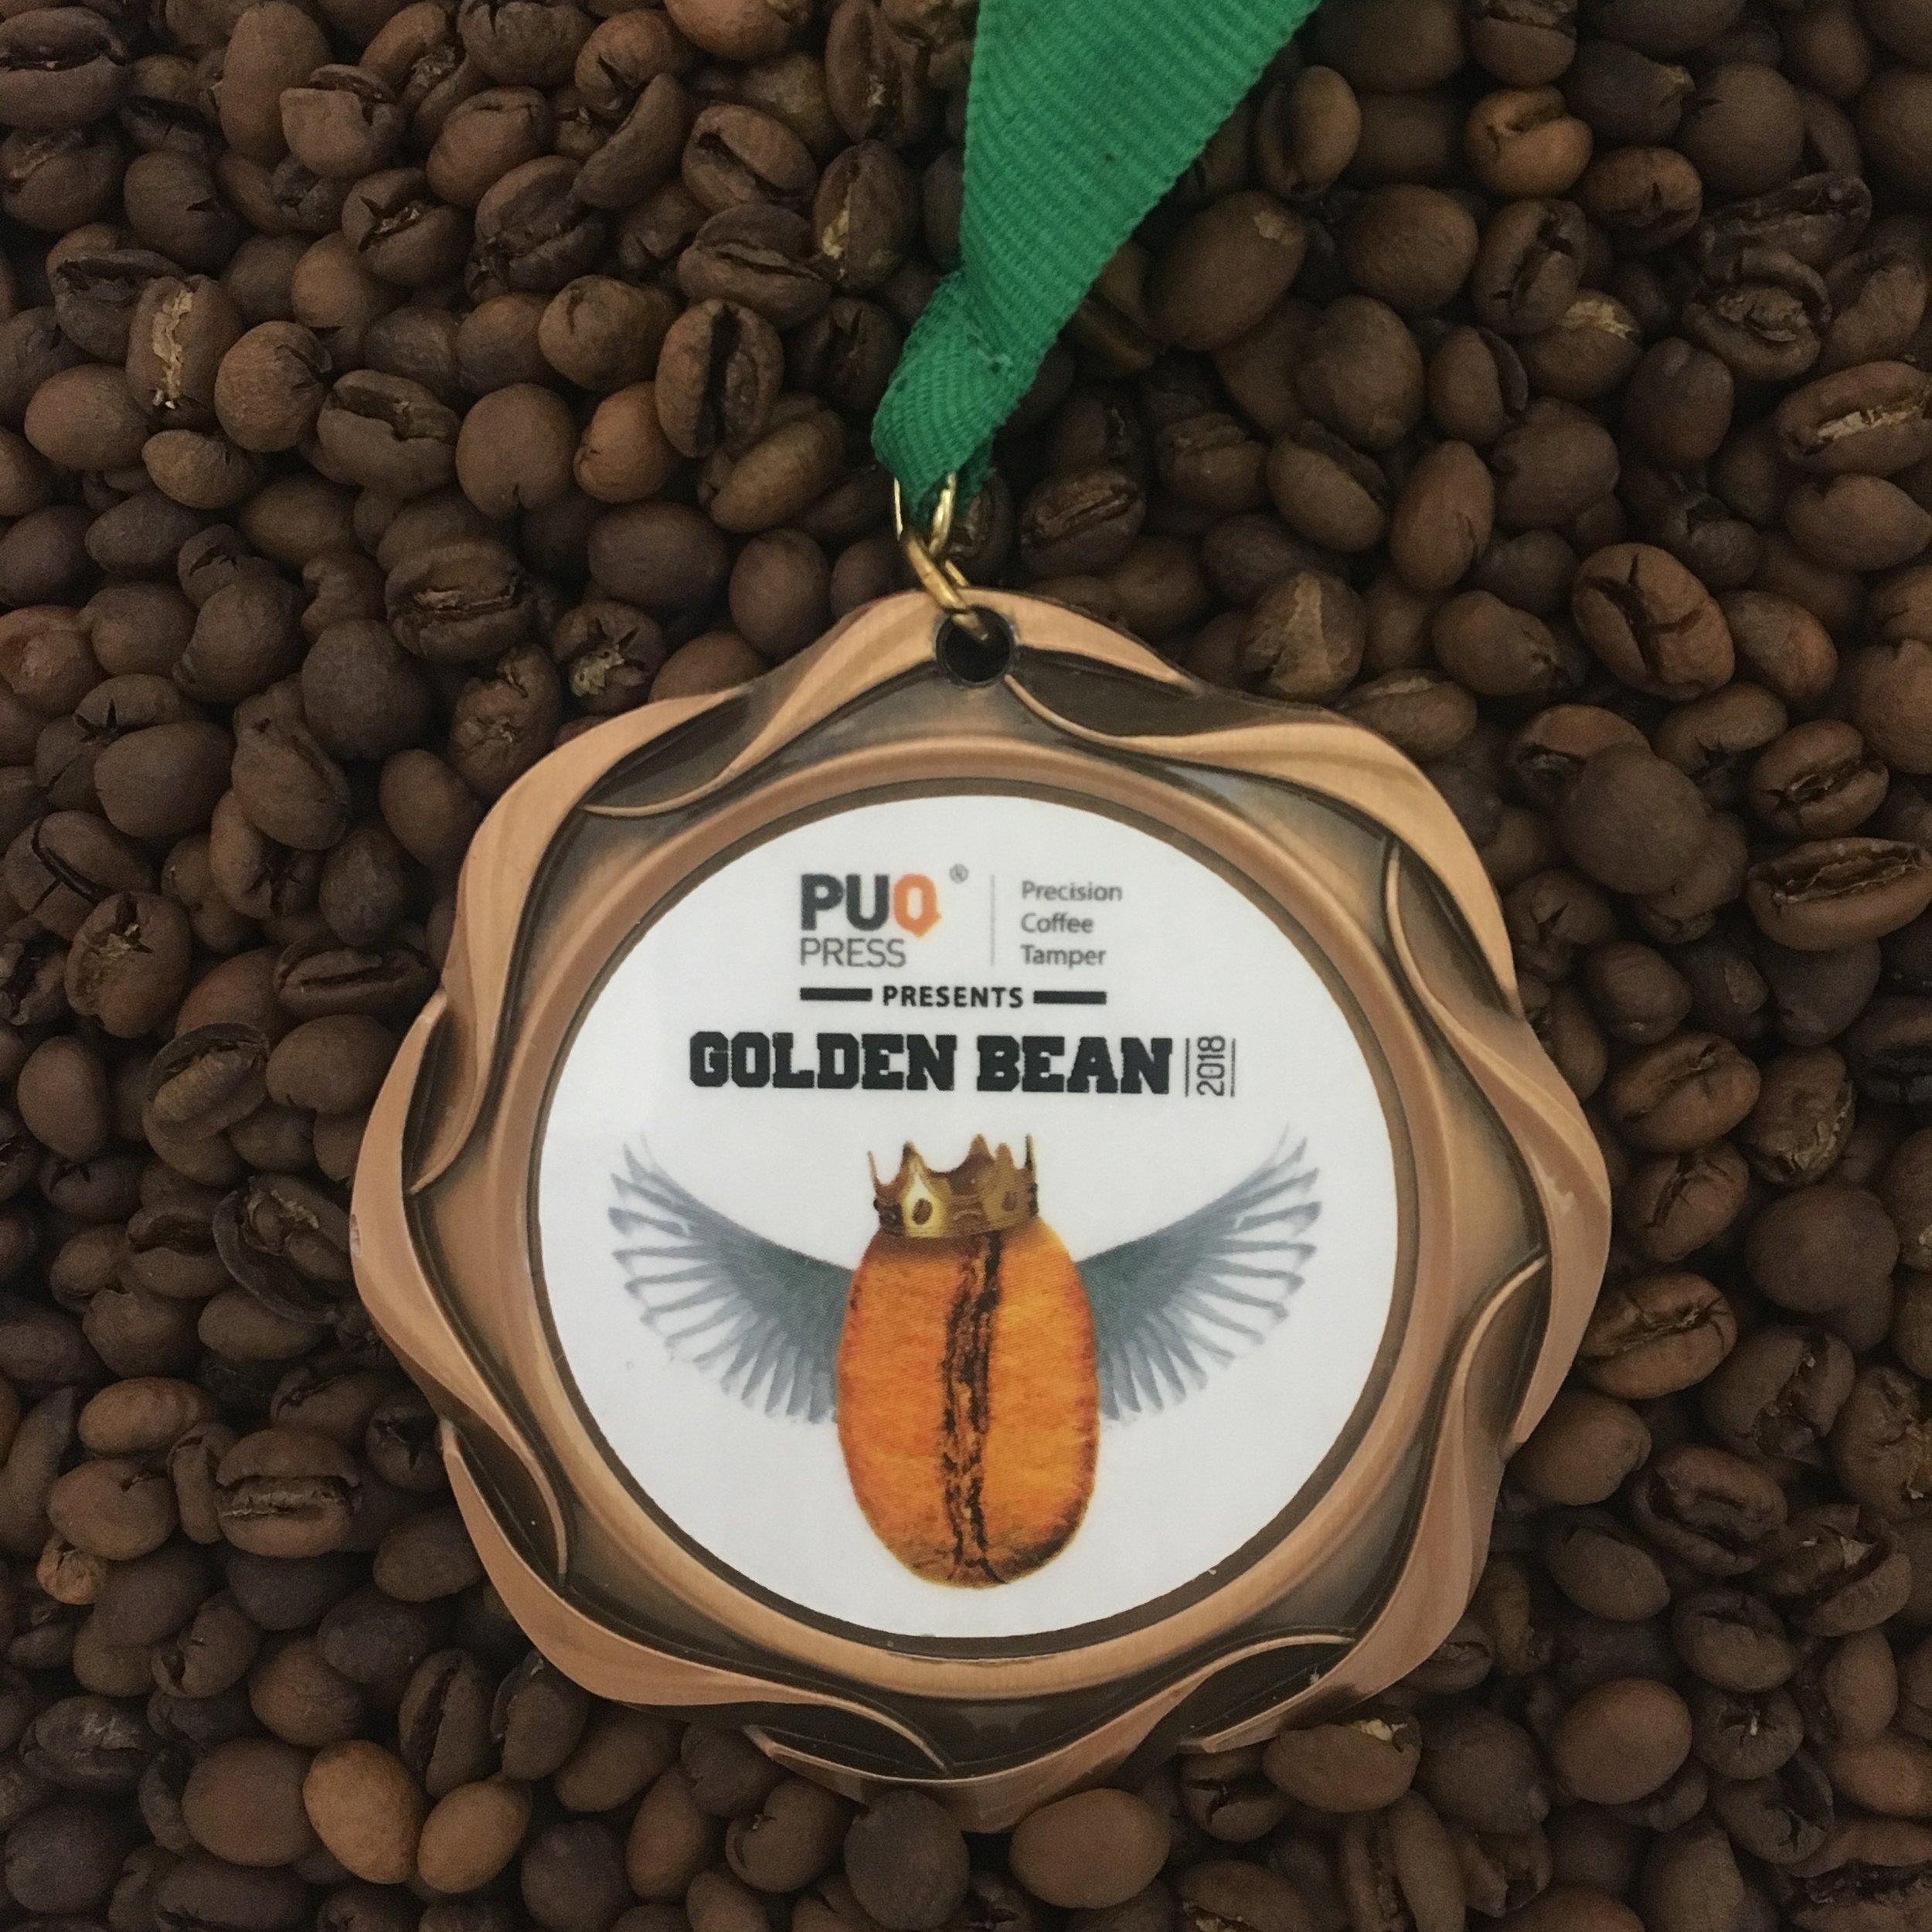 golden-bean-award-brazil.jpg